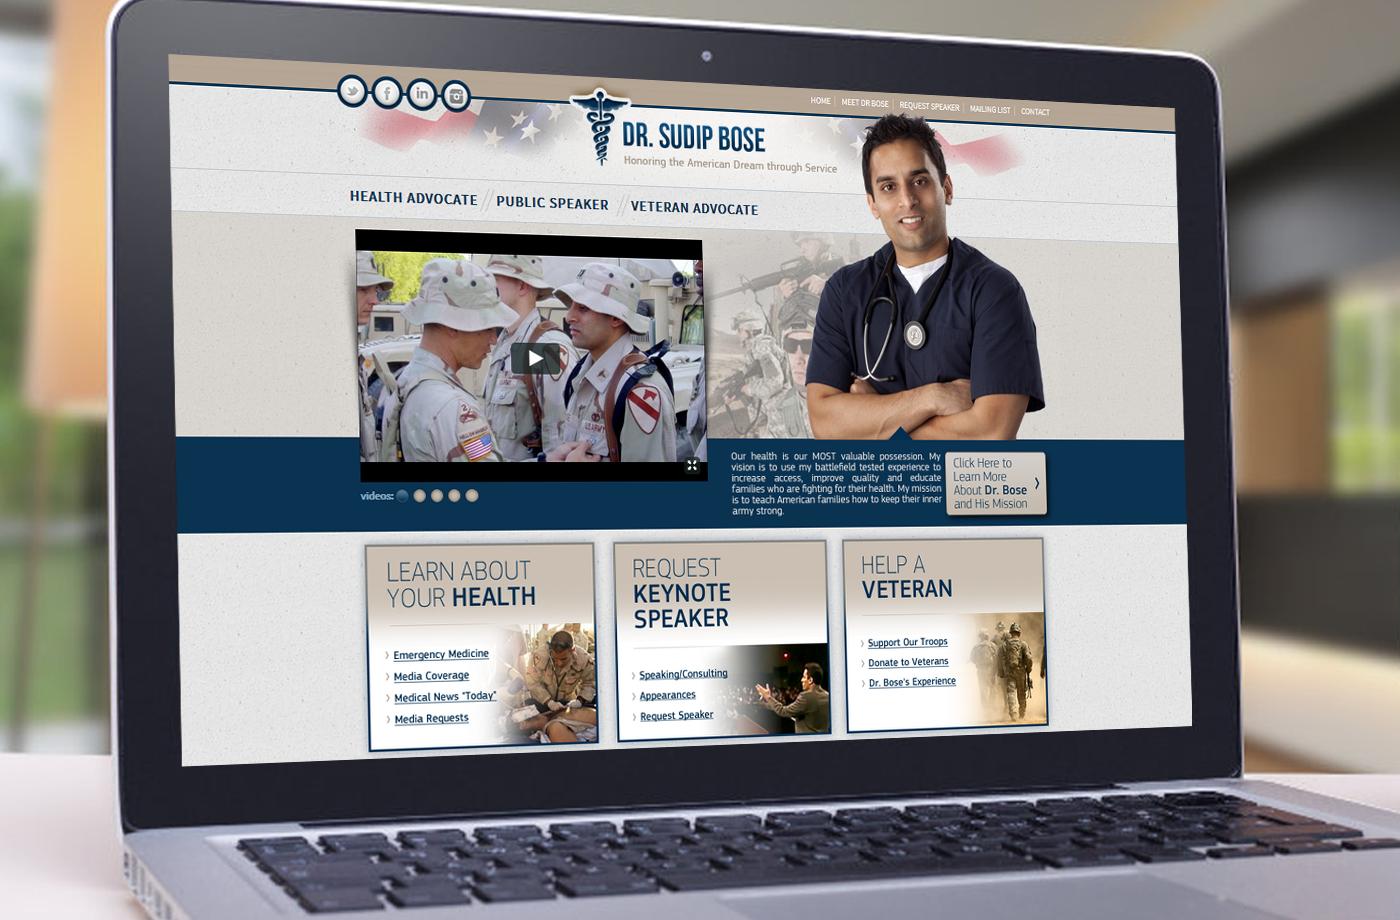 Web Design Portfolio: Dr. Sudip Bose